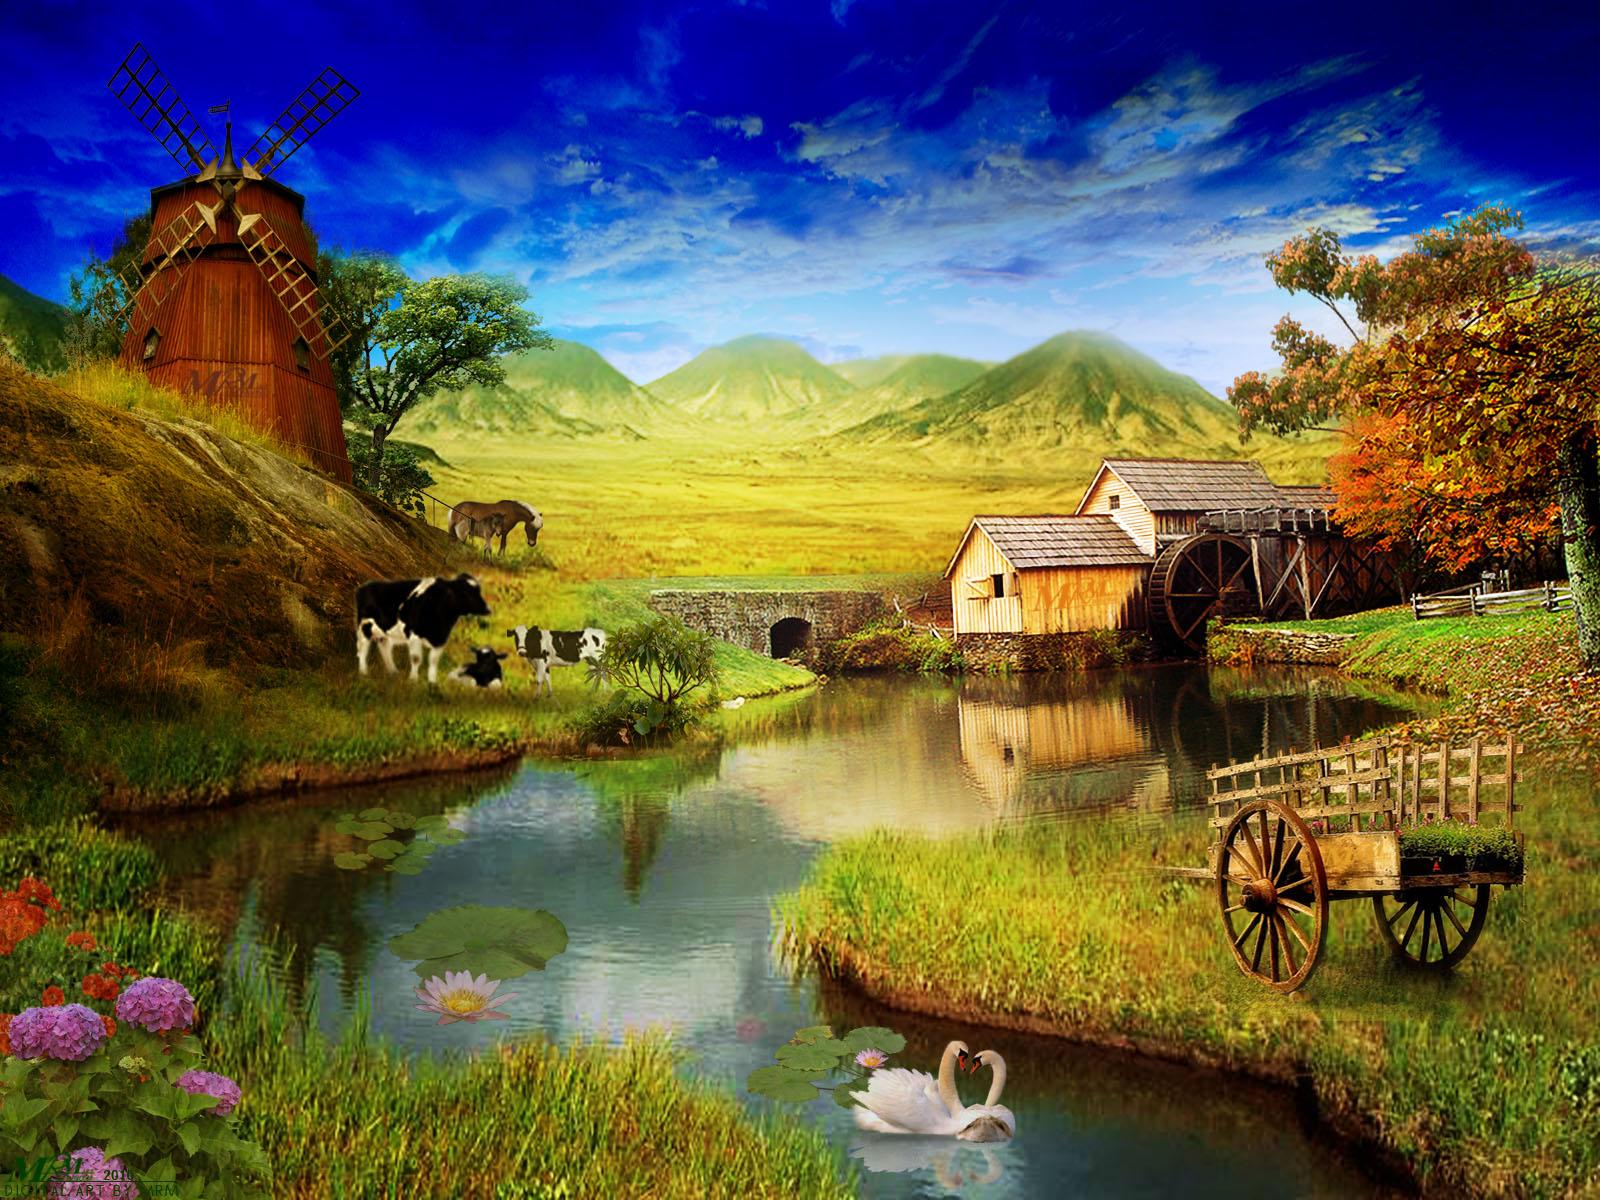 belles images paysages 1600x1200